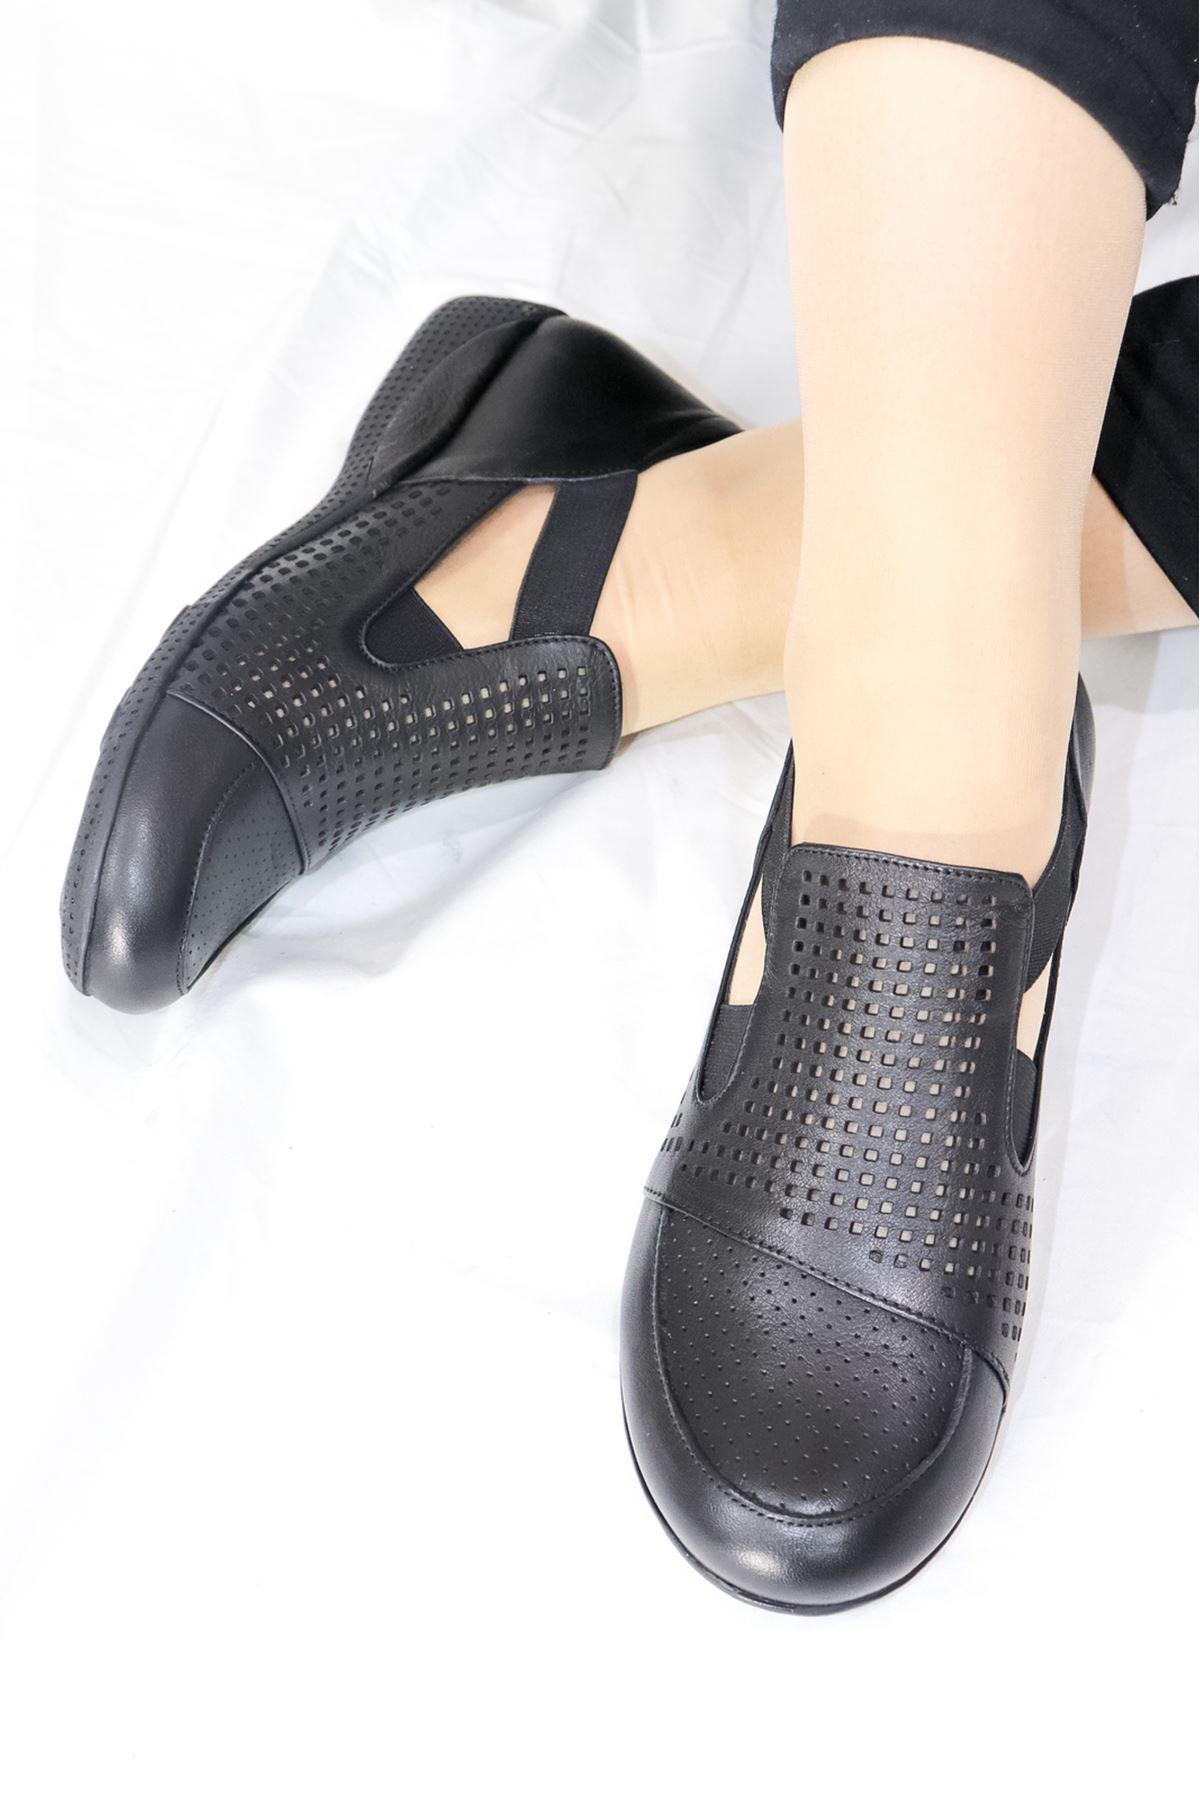 Mammamia - D21YA - 3055-B Siyah Kadın Ayakkabısı